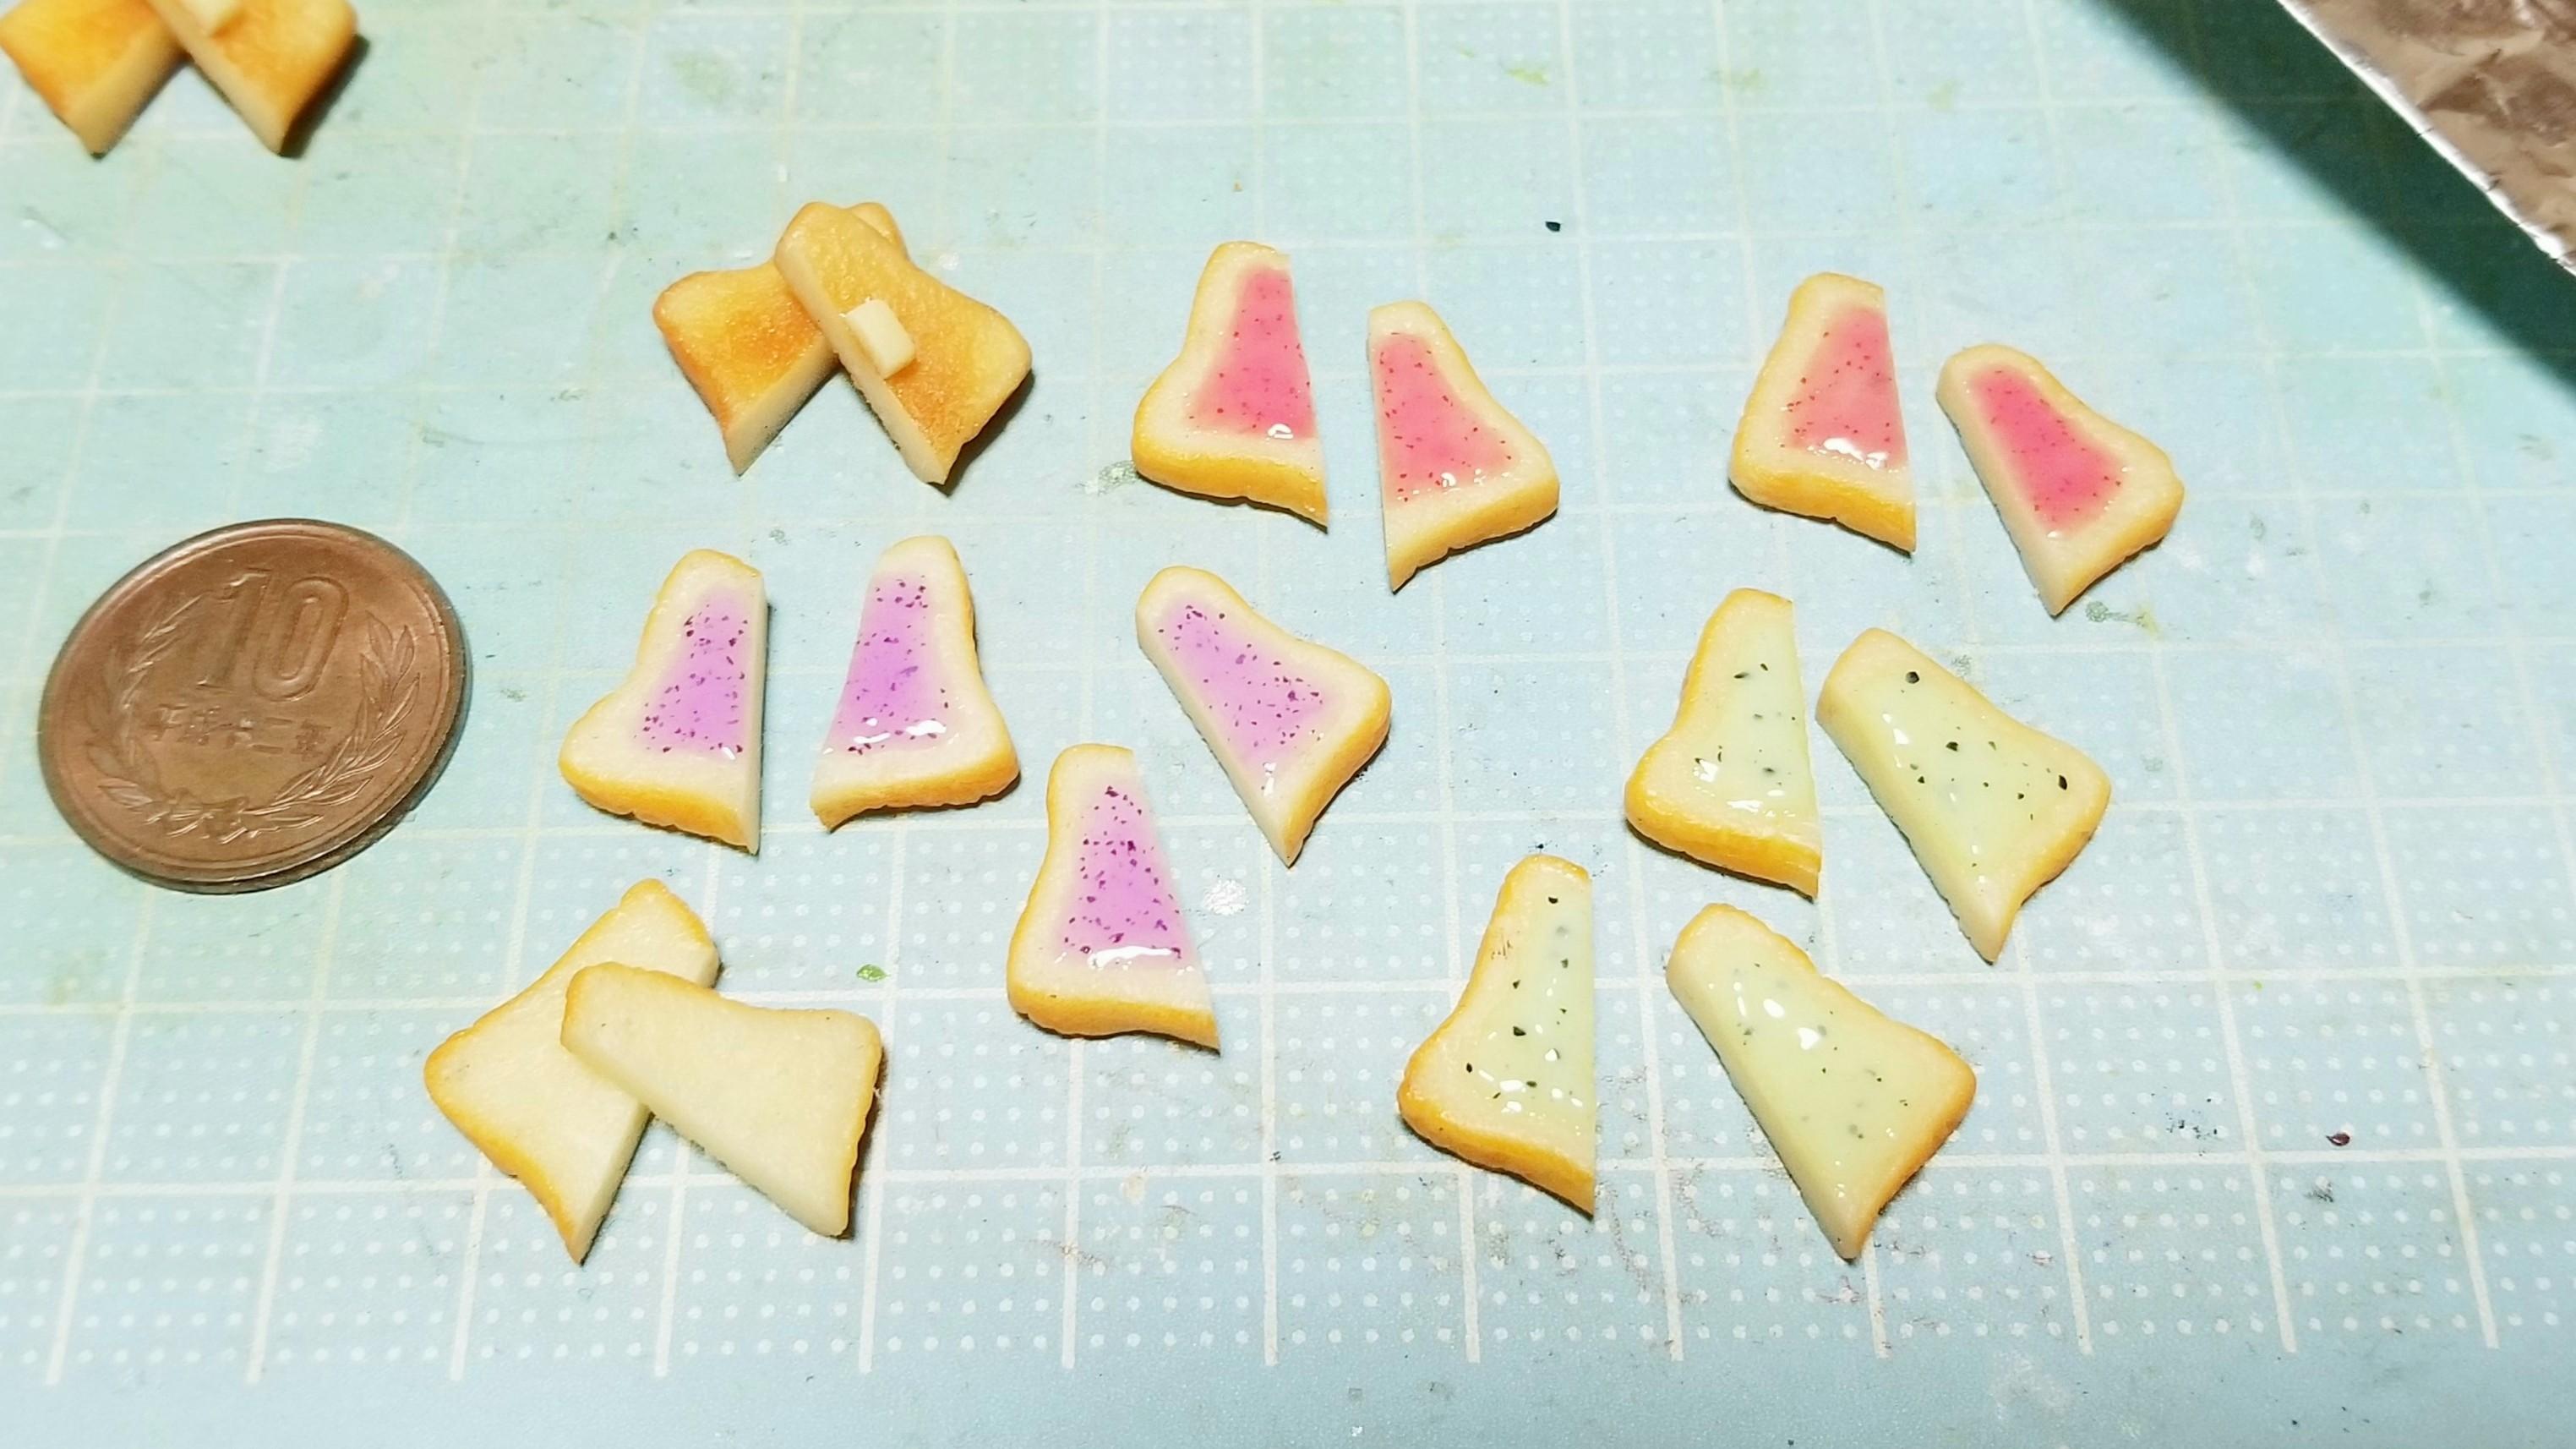 手仕事大好きハンドメイドジャム食パントースト小さいもの可愛い物